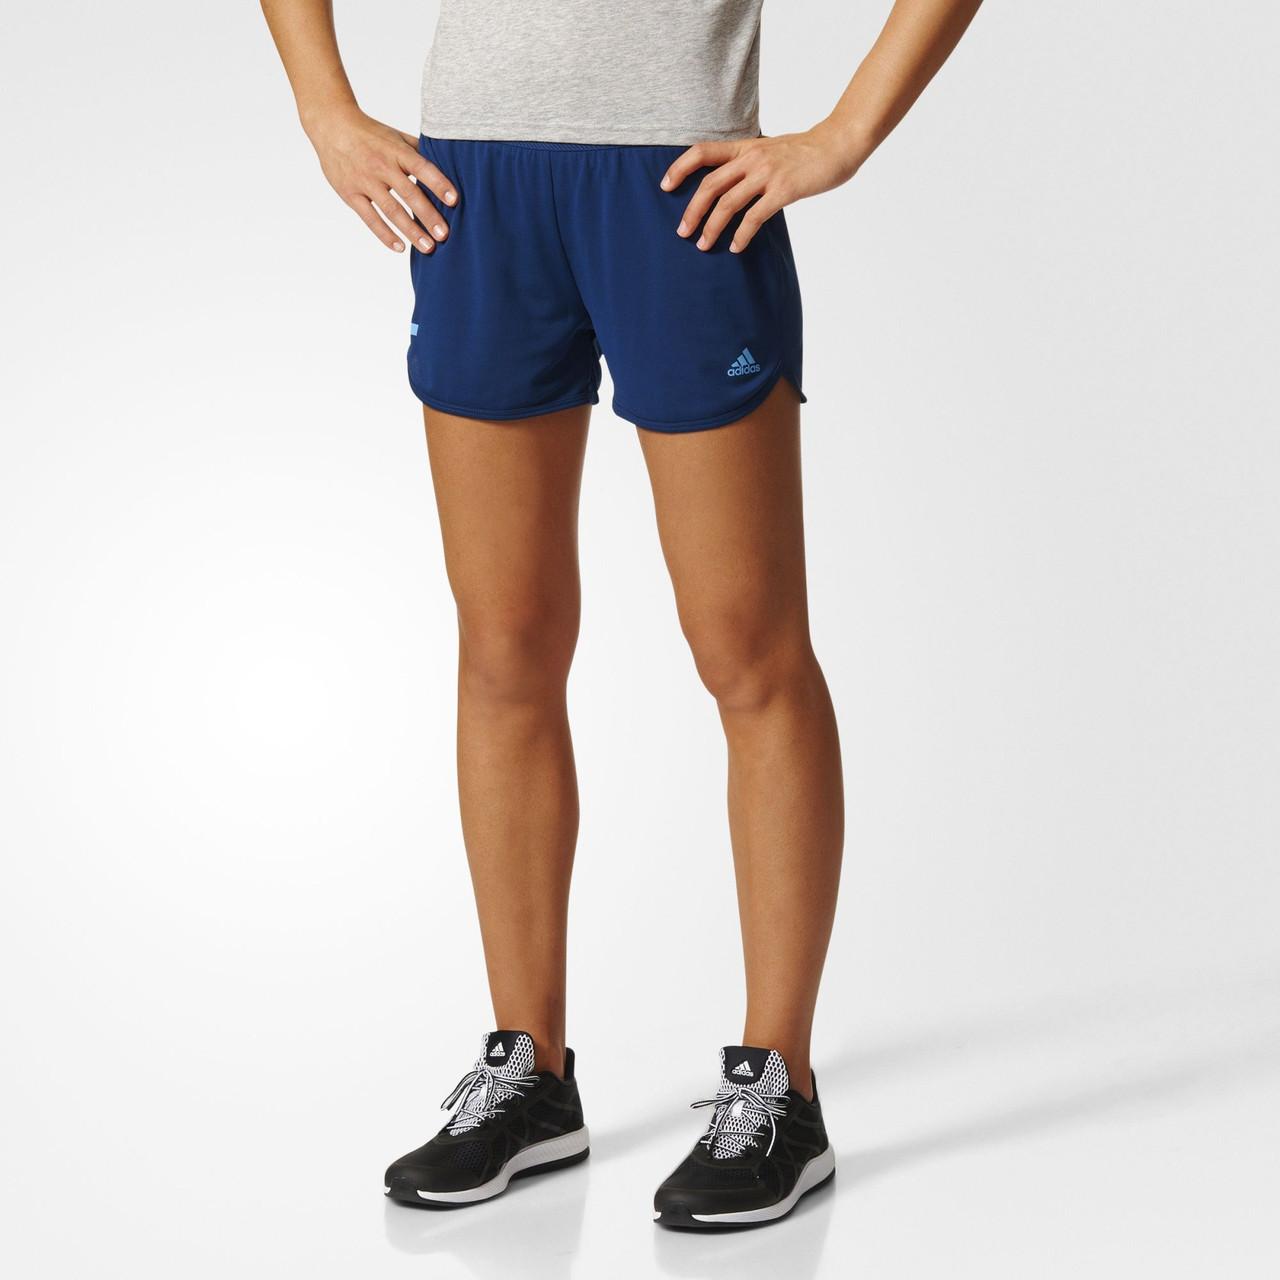 Женские шорты Adidas Performance Core Climachill (Артикул: B45808)